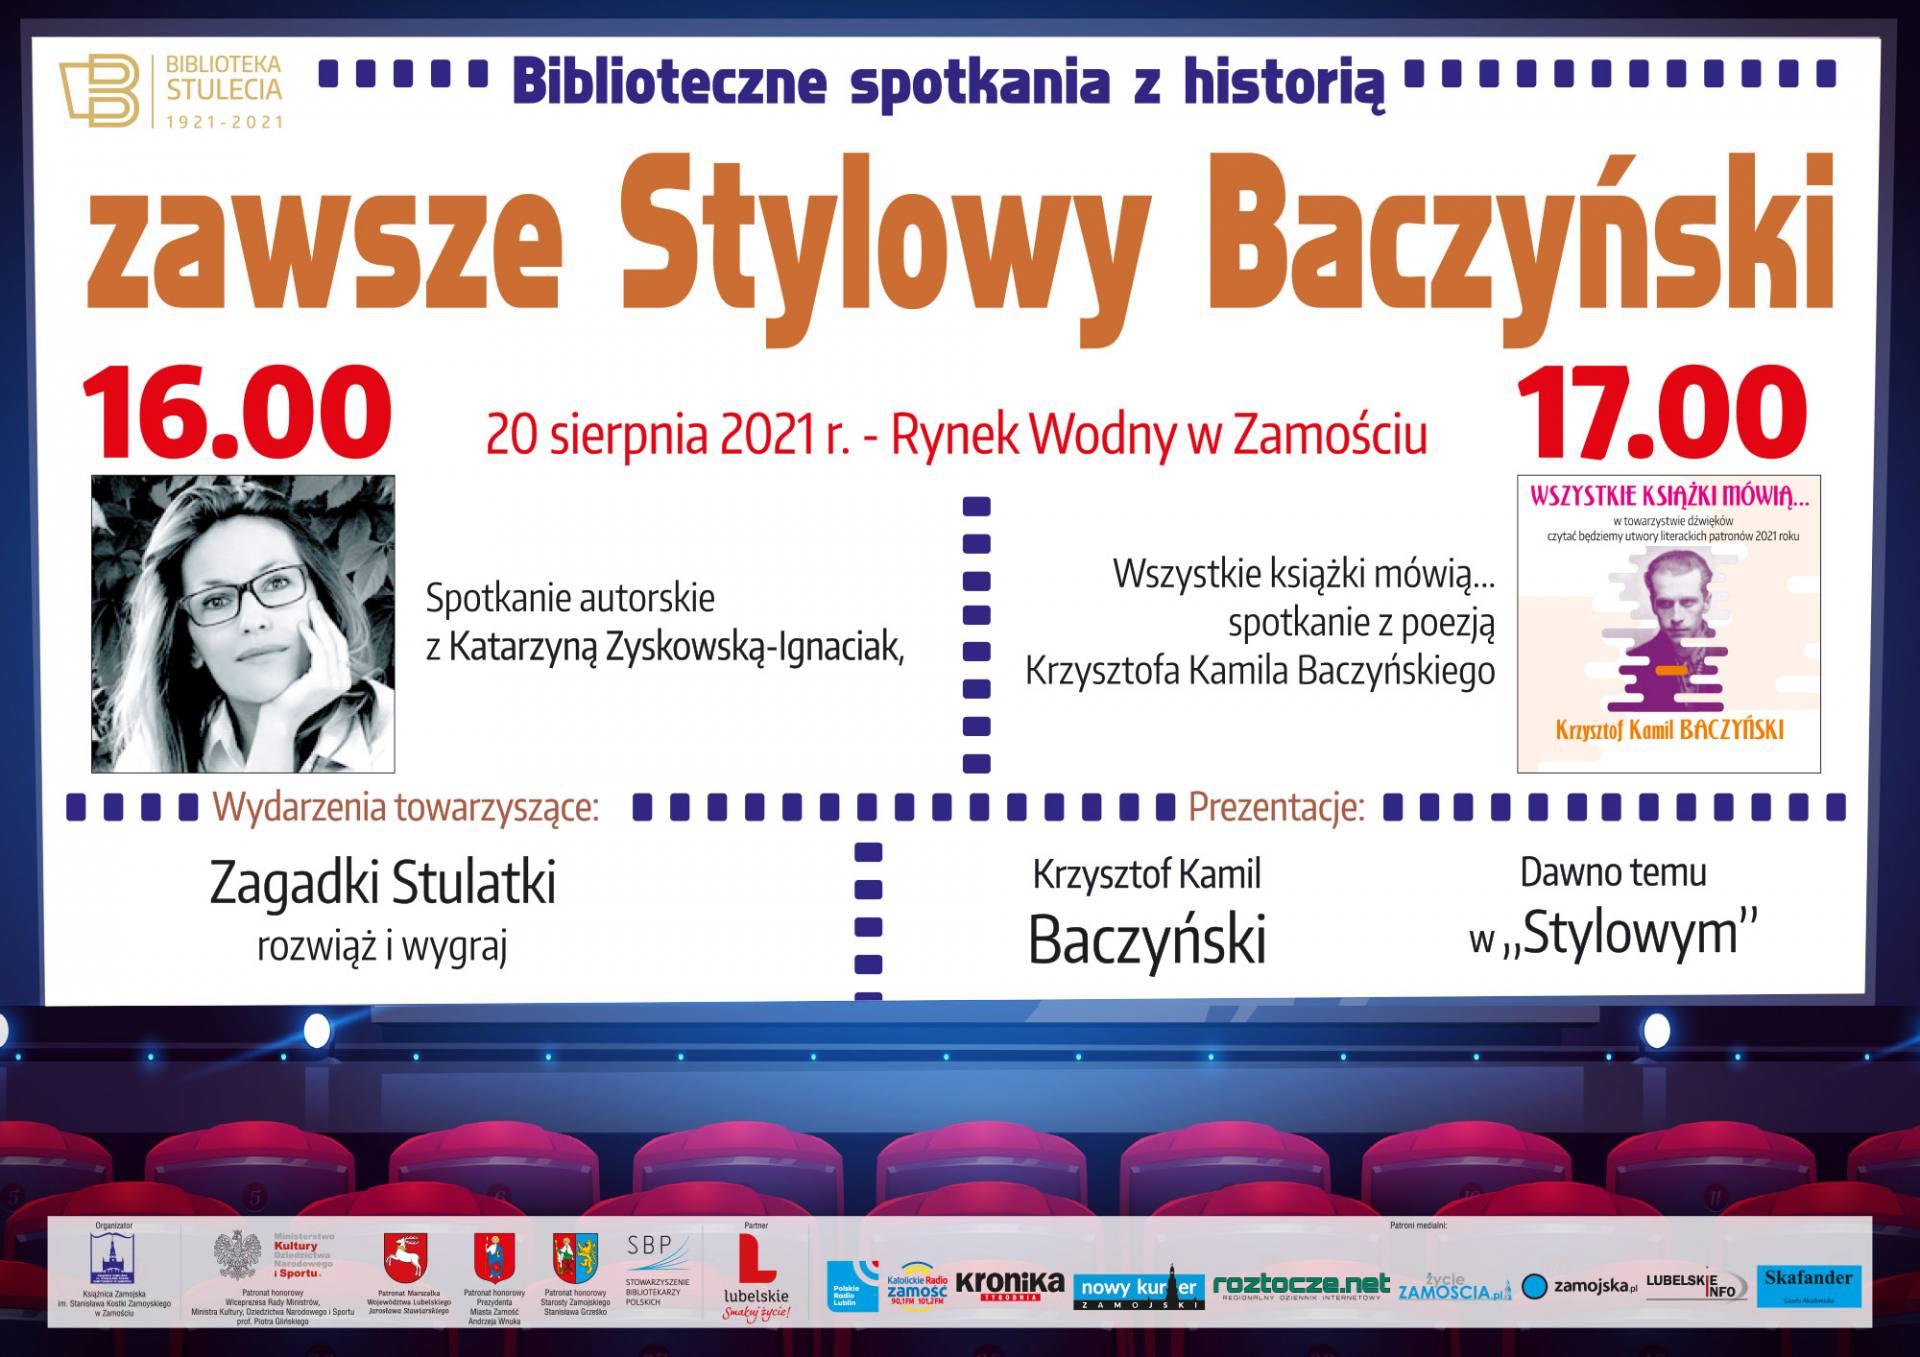 plakat 04 ZAMOŚĆ: Biblioteczne spotkania z historią pod hasłem